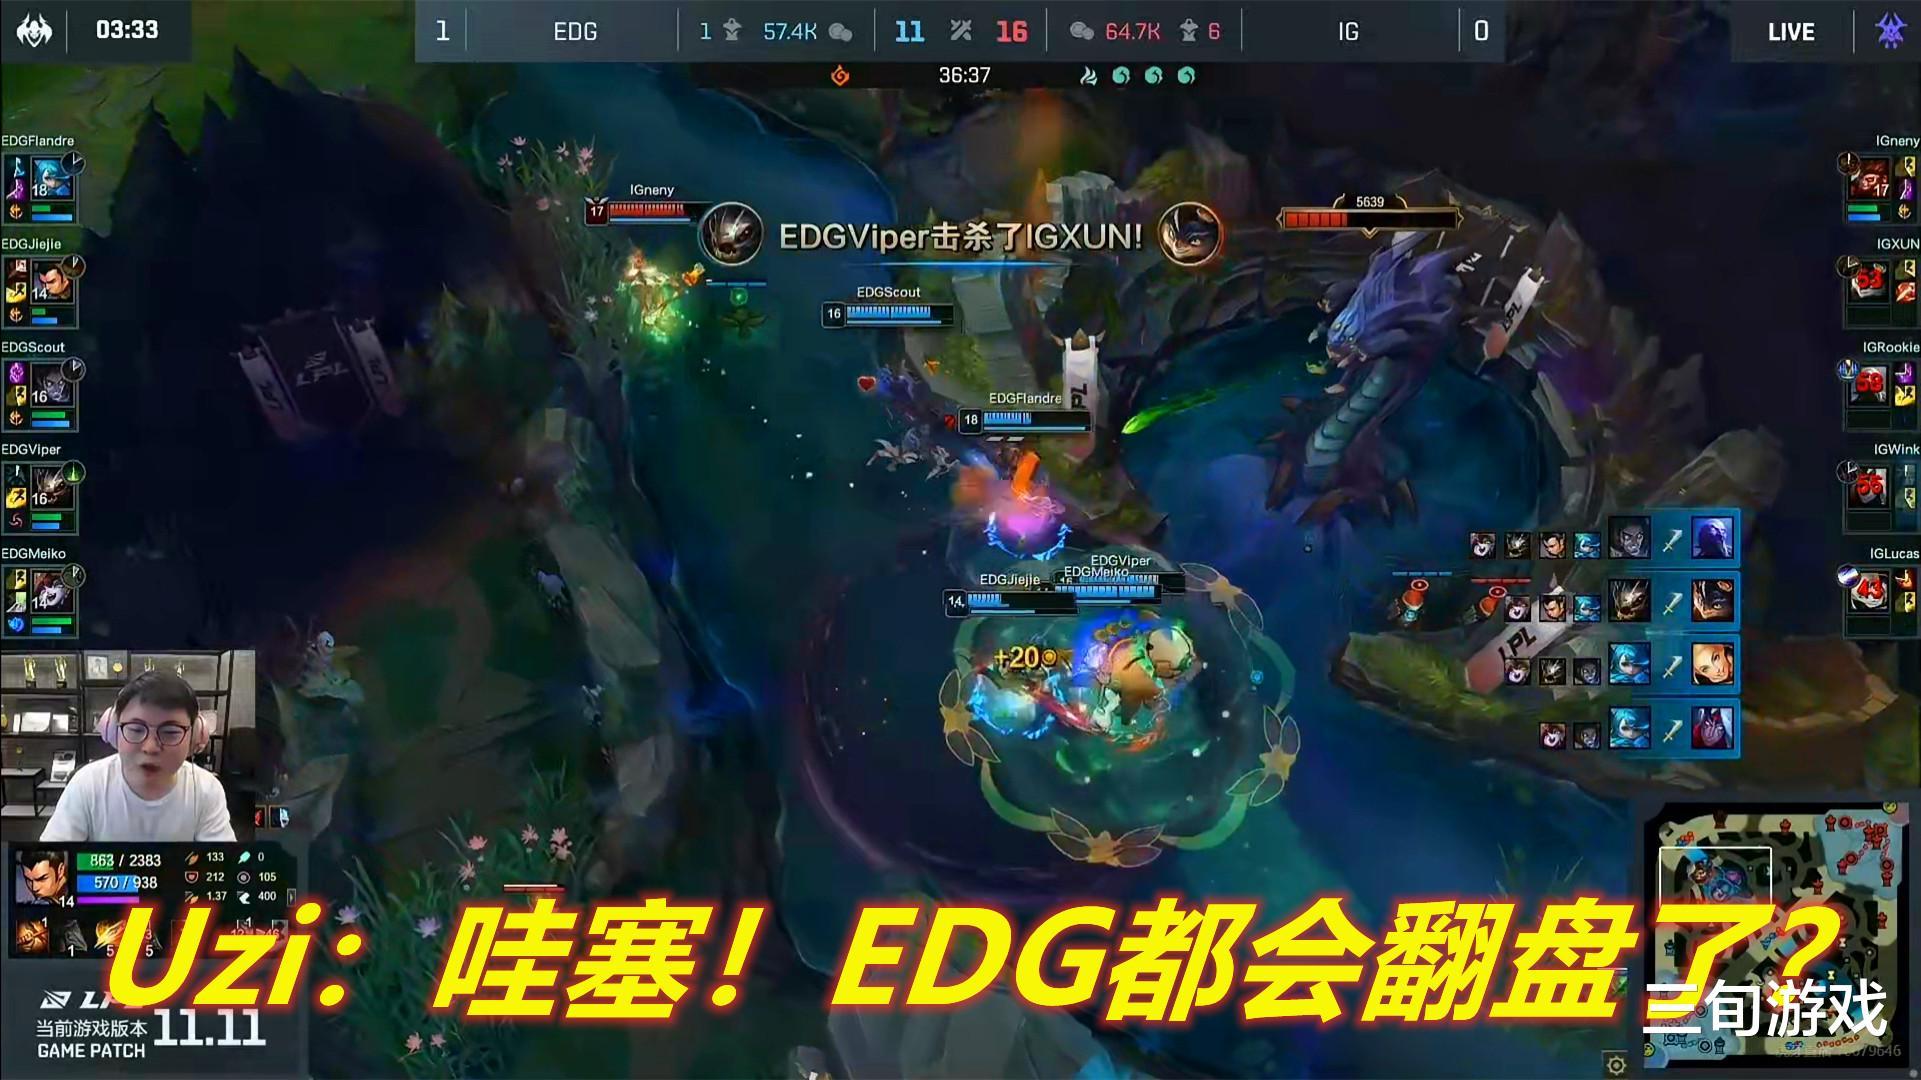 《【煜星在线娱乐】Uzi重回二路解说,盛赞EDG表现,直言:希望能在赛场上看到厂长!》